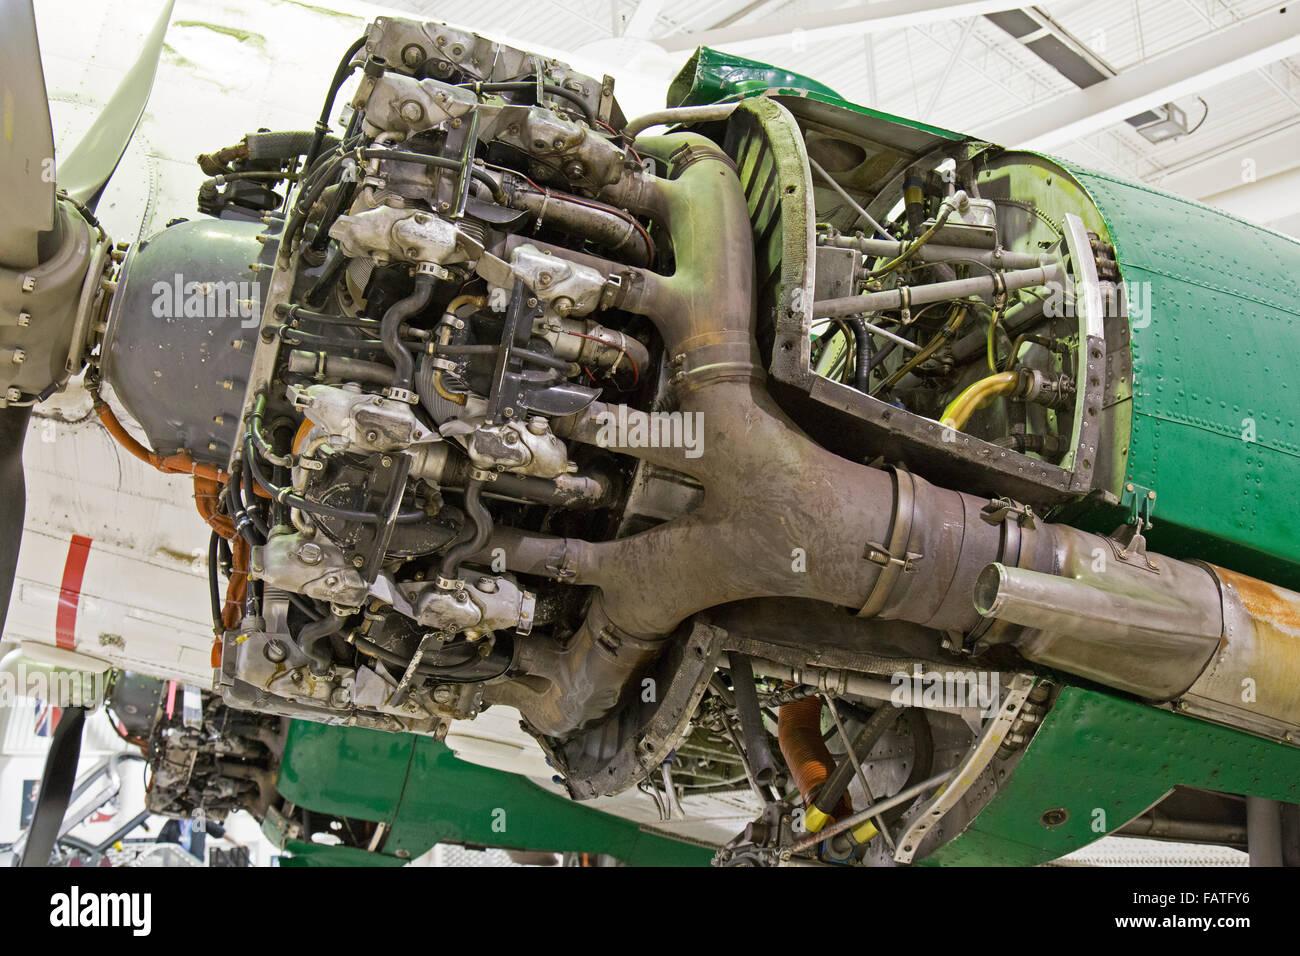 Pratt Whitney Engine Stock Photos & Pratt Whitney Engine